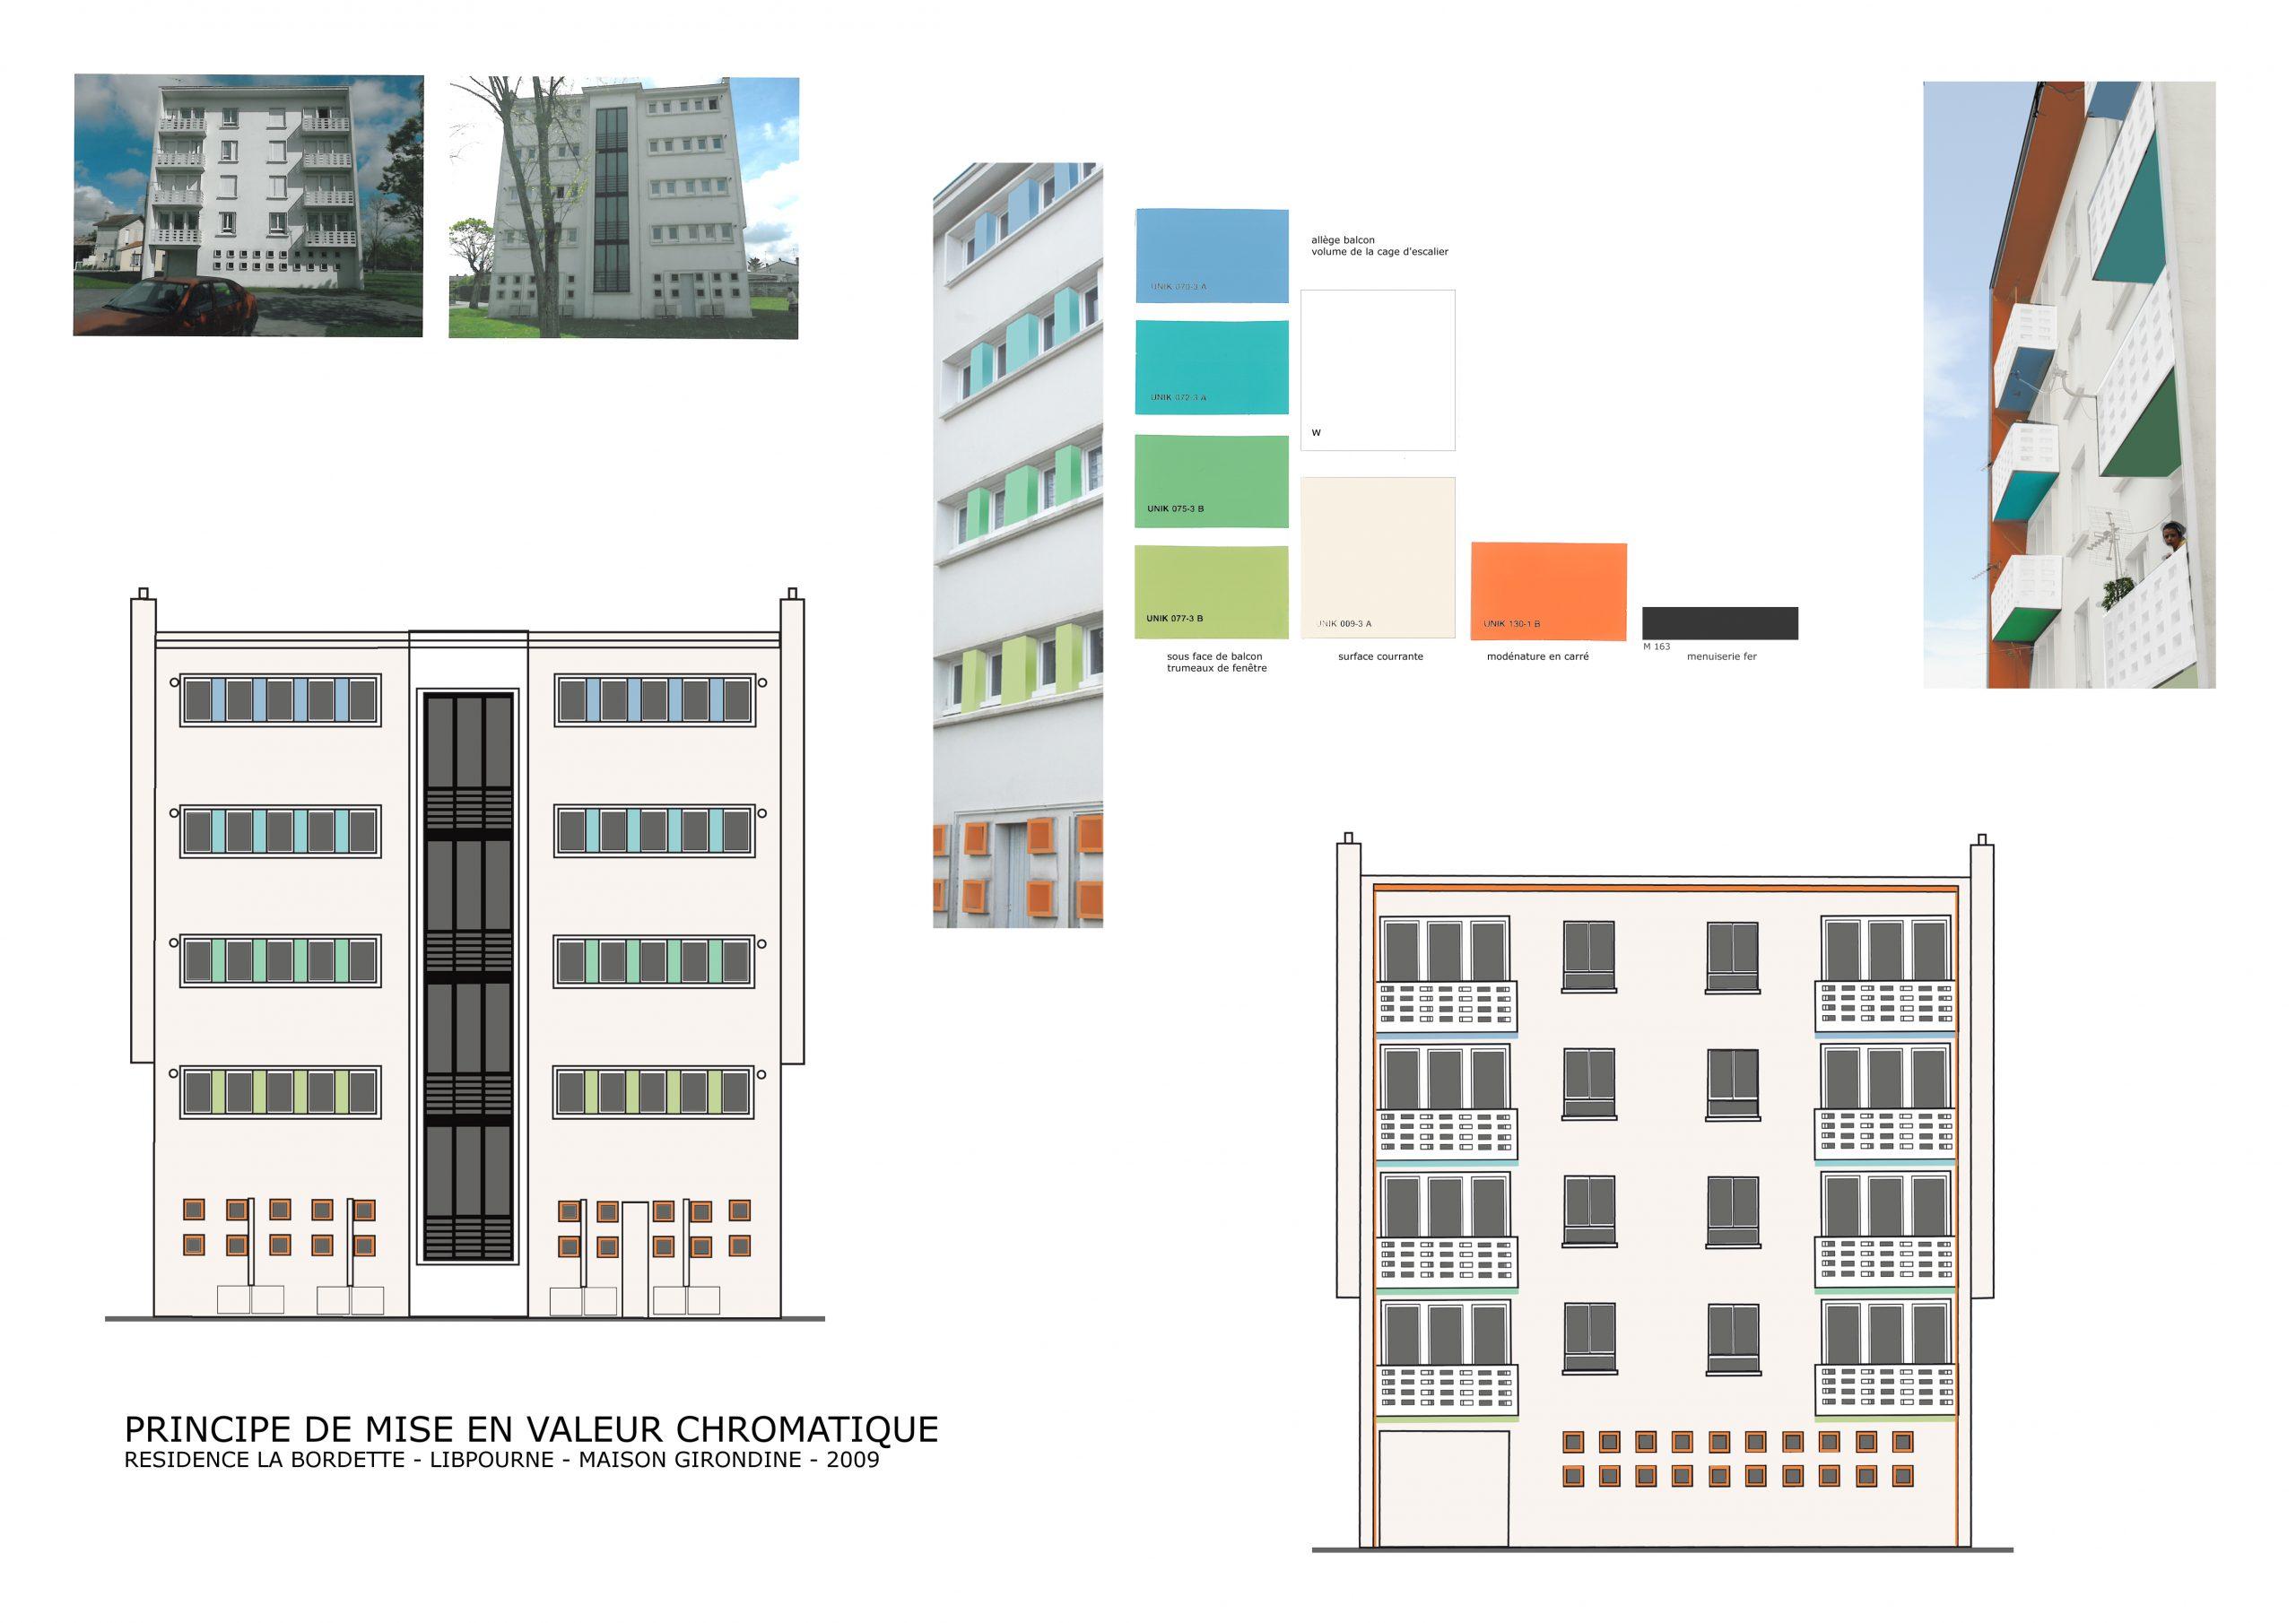 Logements Libourne-coloration de façade